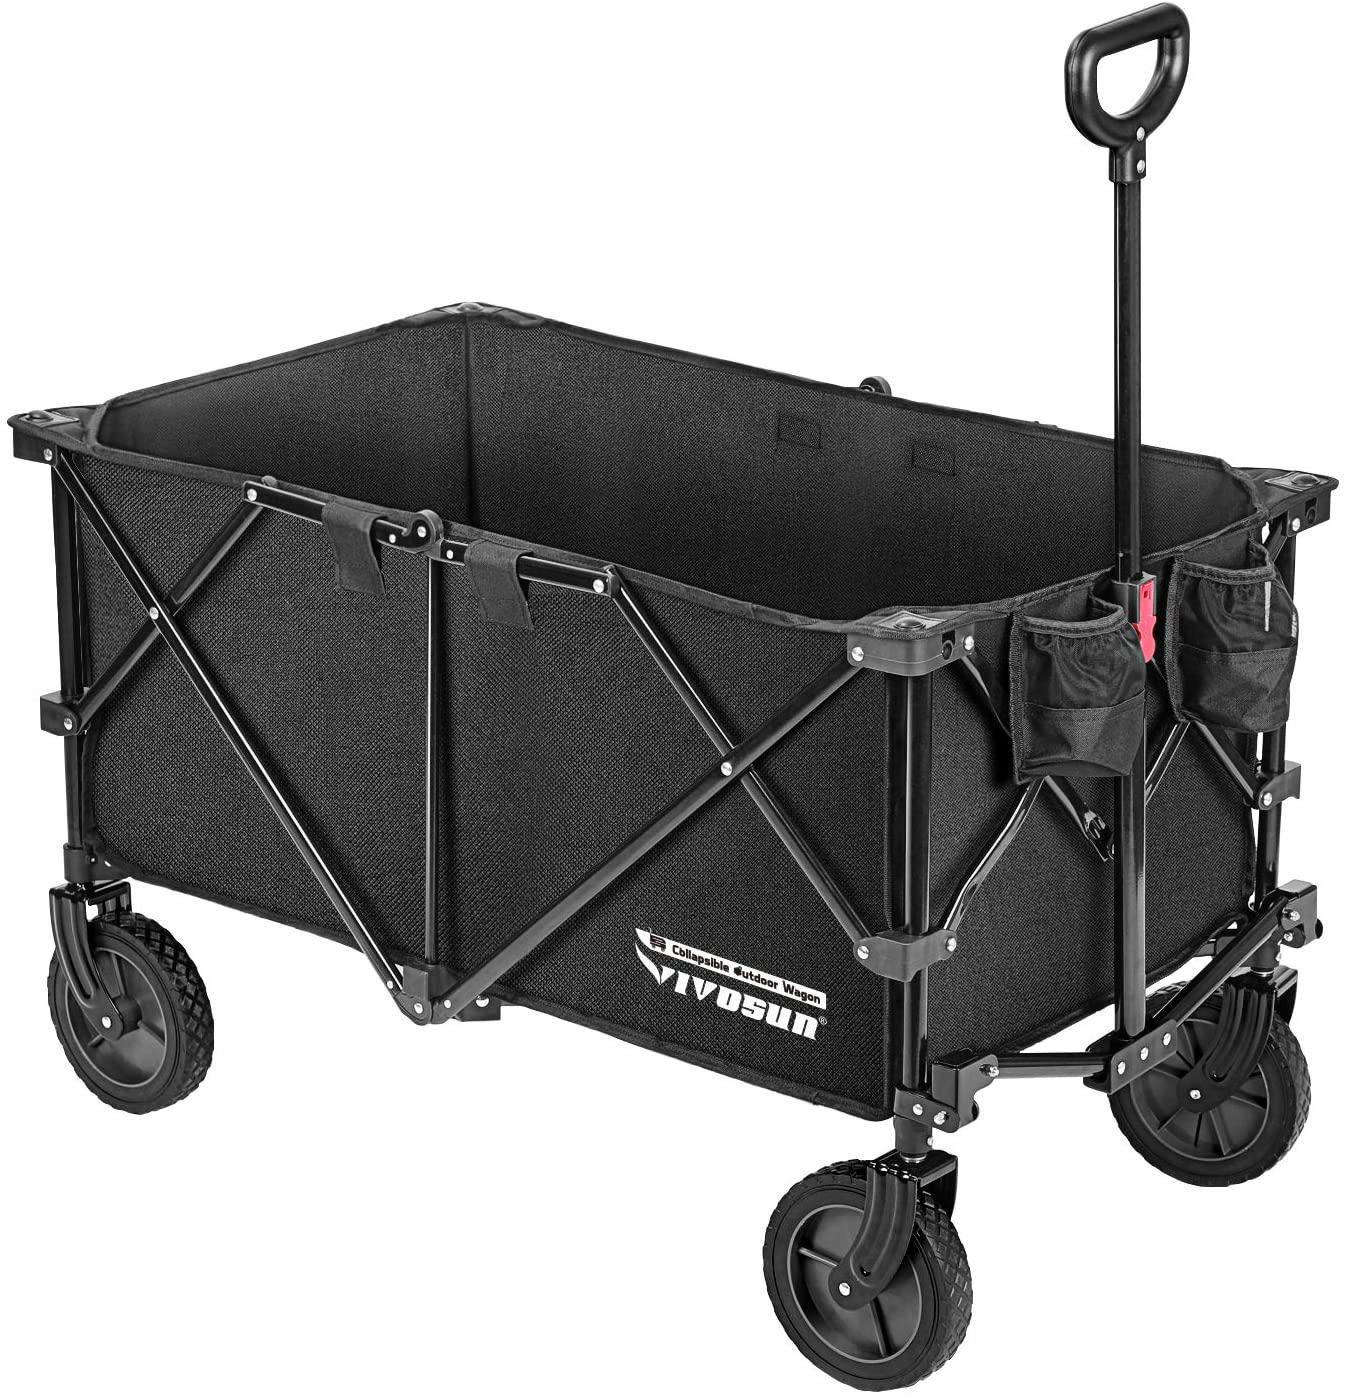 VIVOSUN Portable Wagon